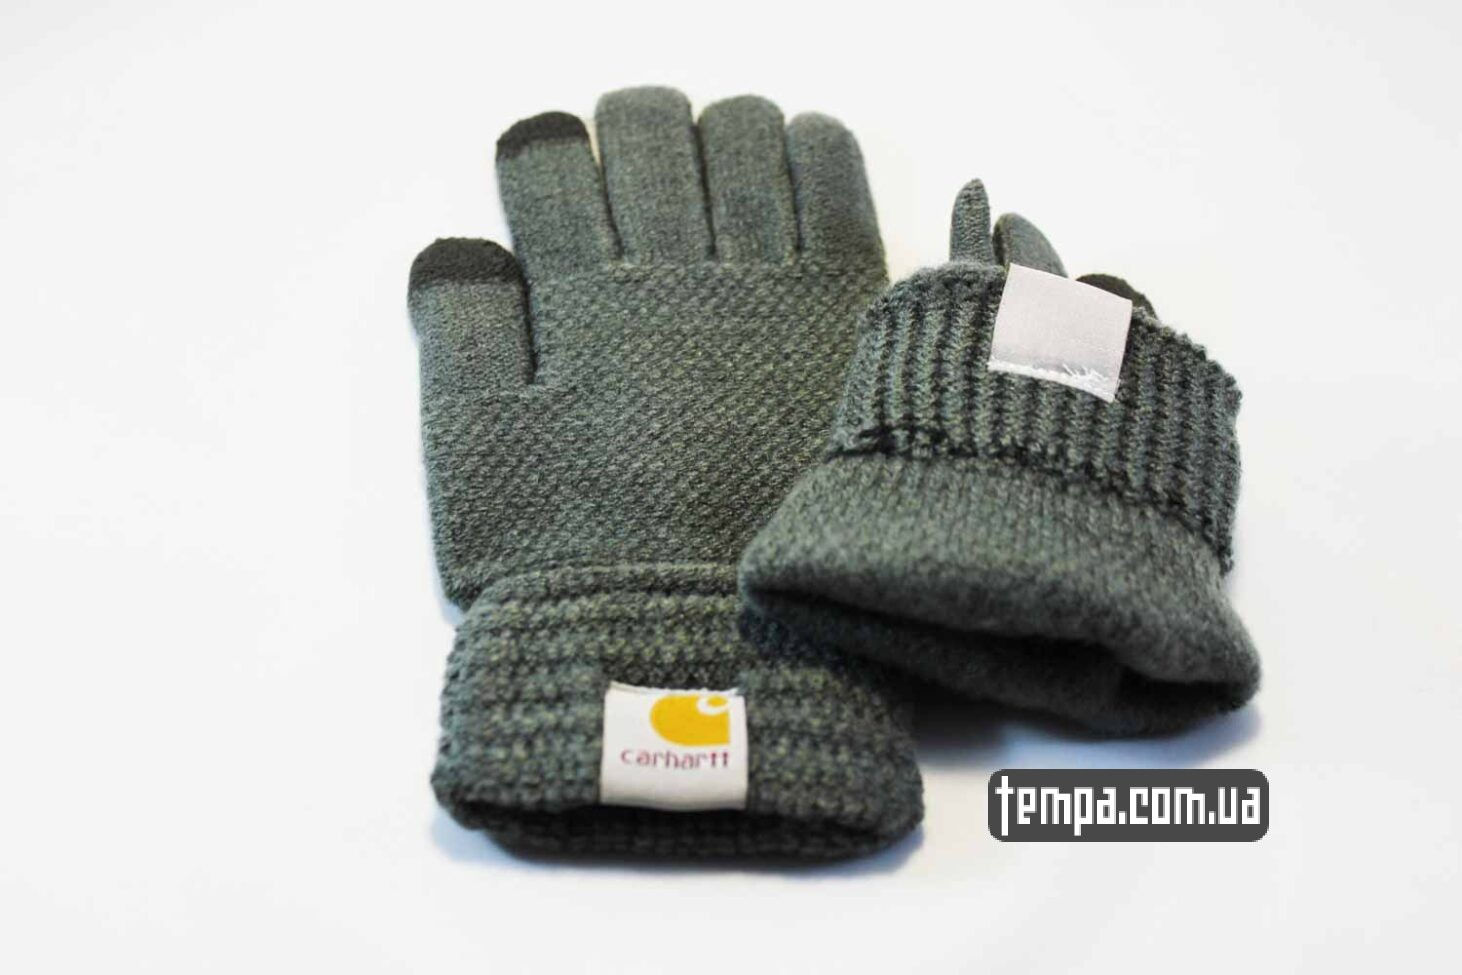 купить оригинал перчатки Carhartt серые тач для сенсорных мобильных экранов